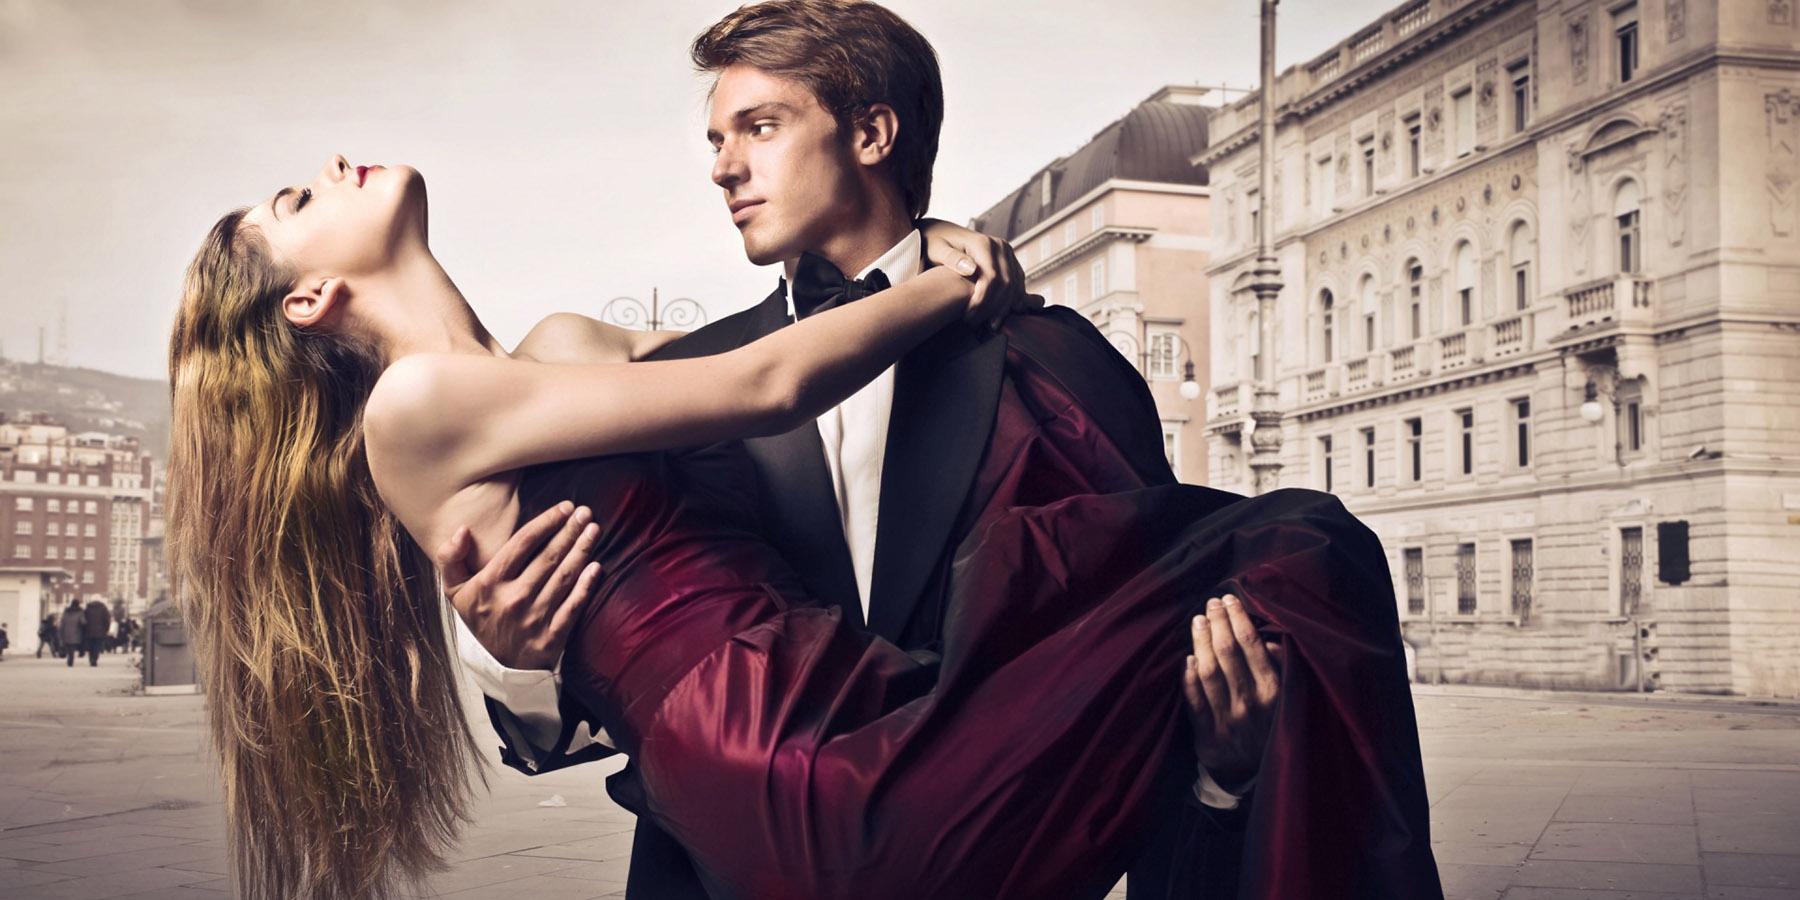 Как ухоженность женщины влияет на отношение к ней мужчин?